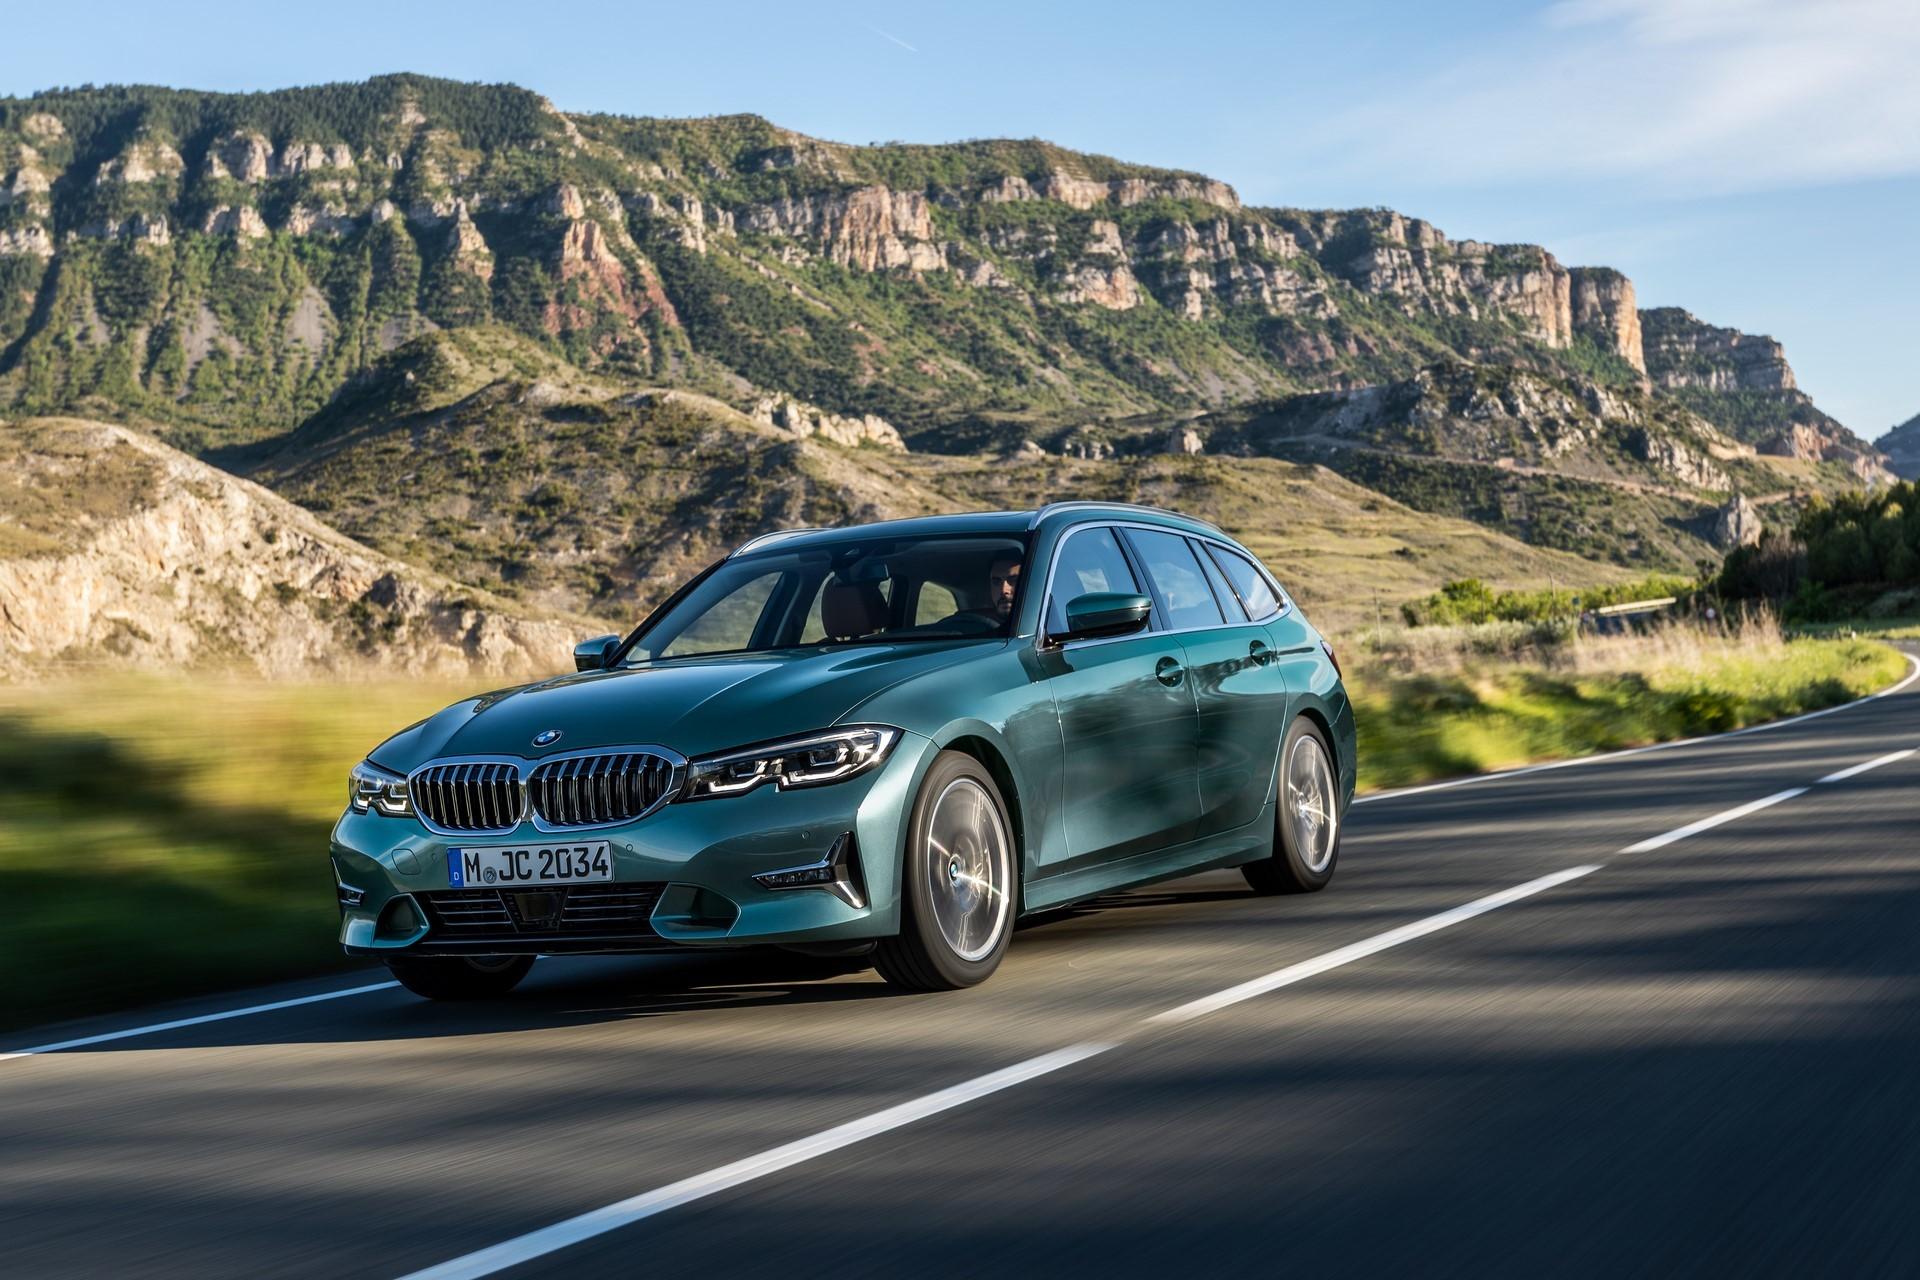 BMW-3-Series-Touring-2019-7